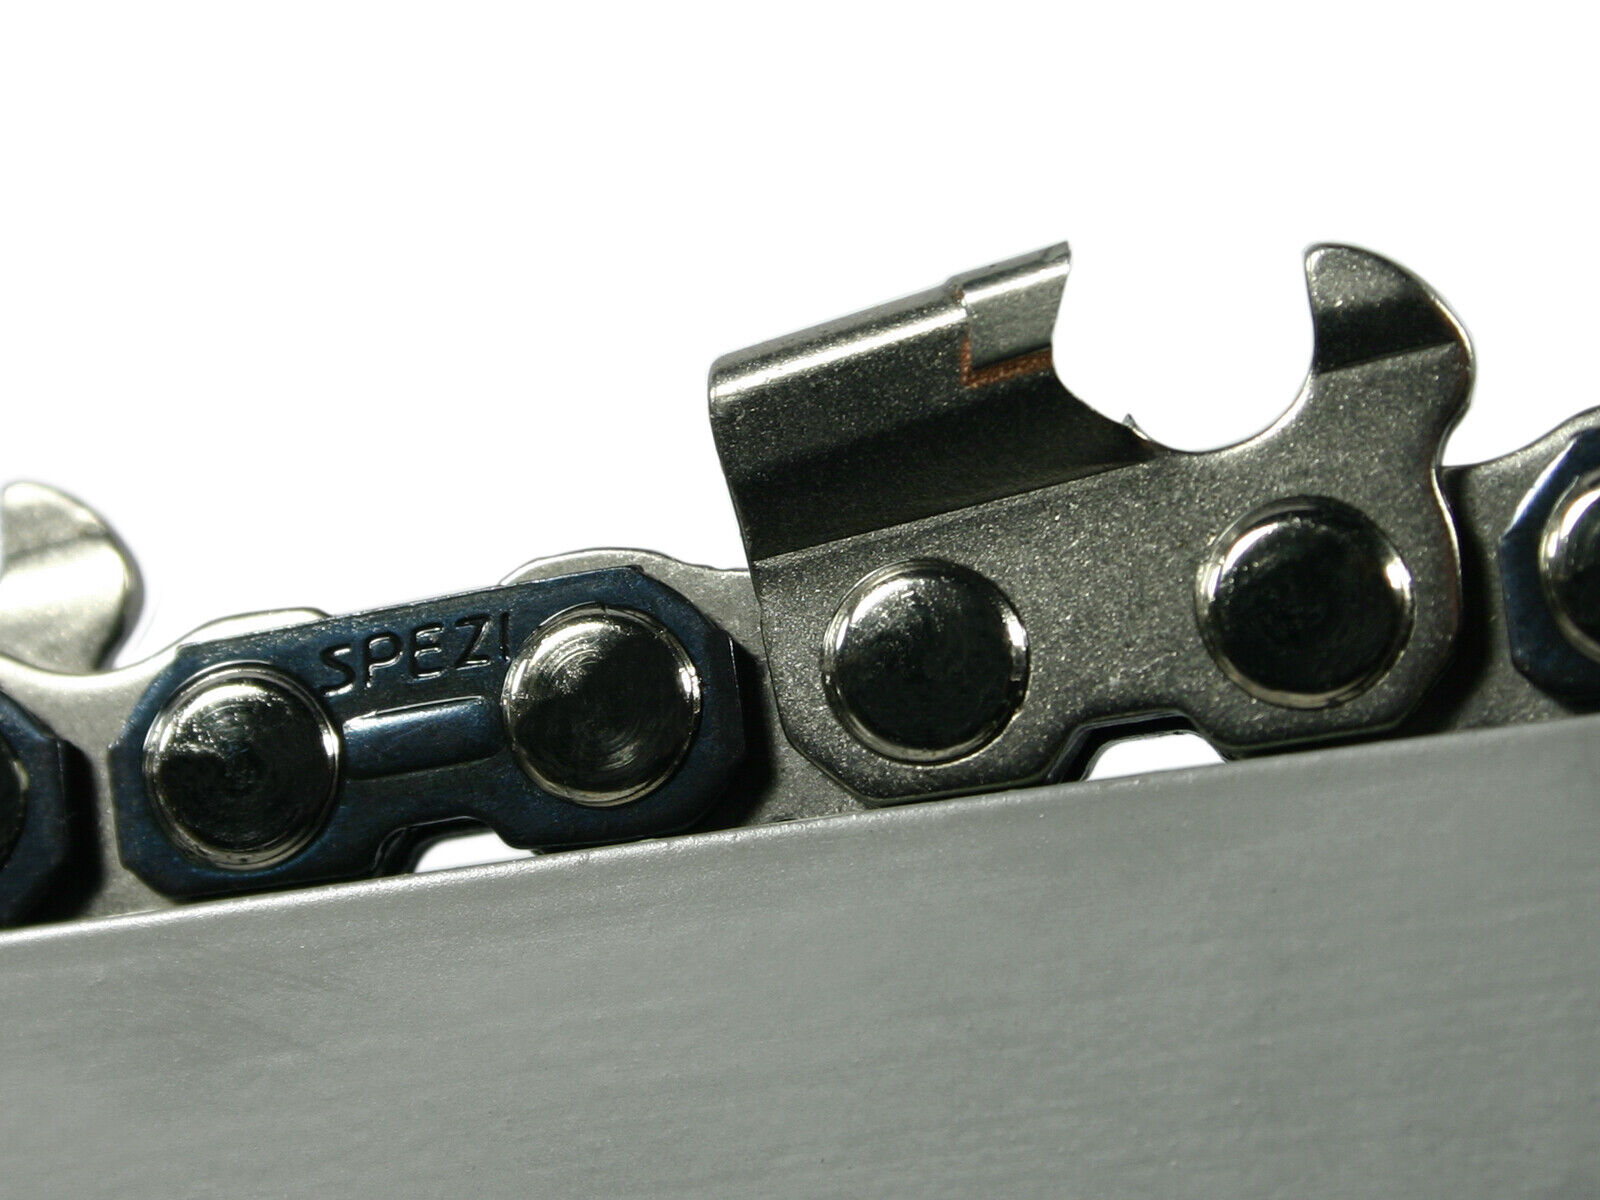 Metal duro para sierra cadena compatible con solo 680 50 cm 3 8  72tg 1,5mm Chain Cochebide